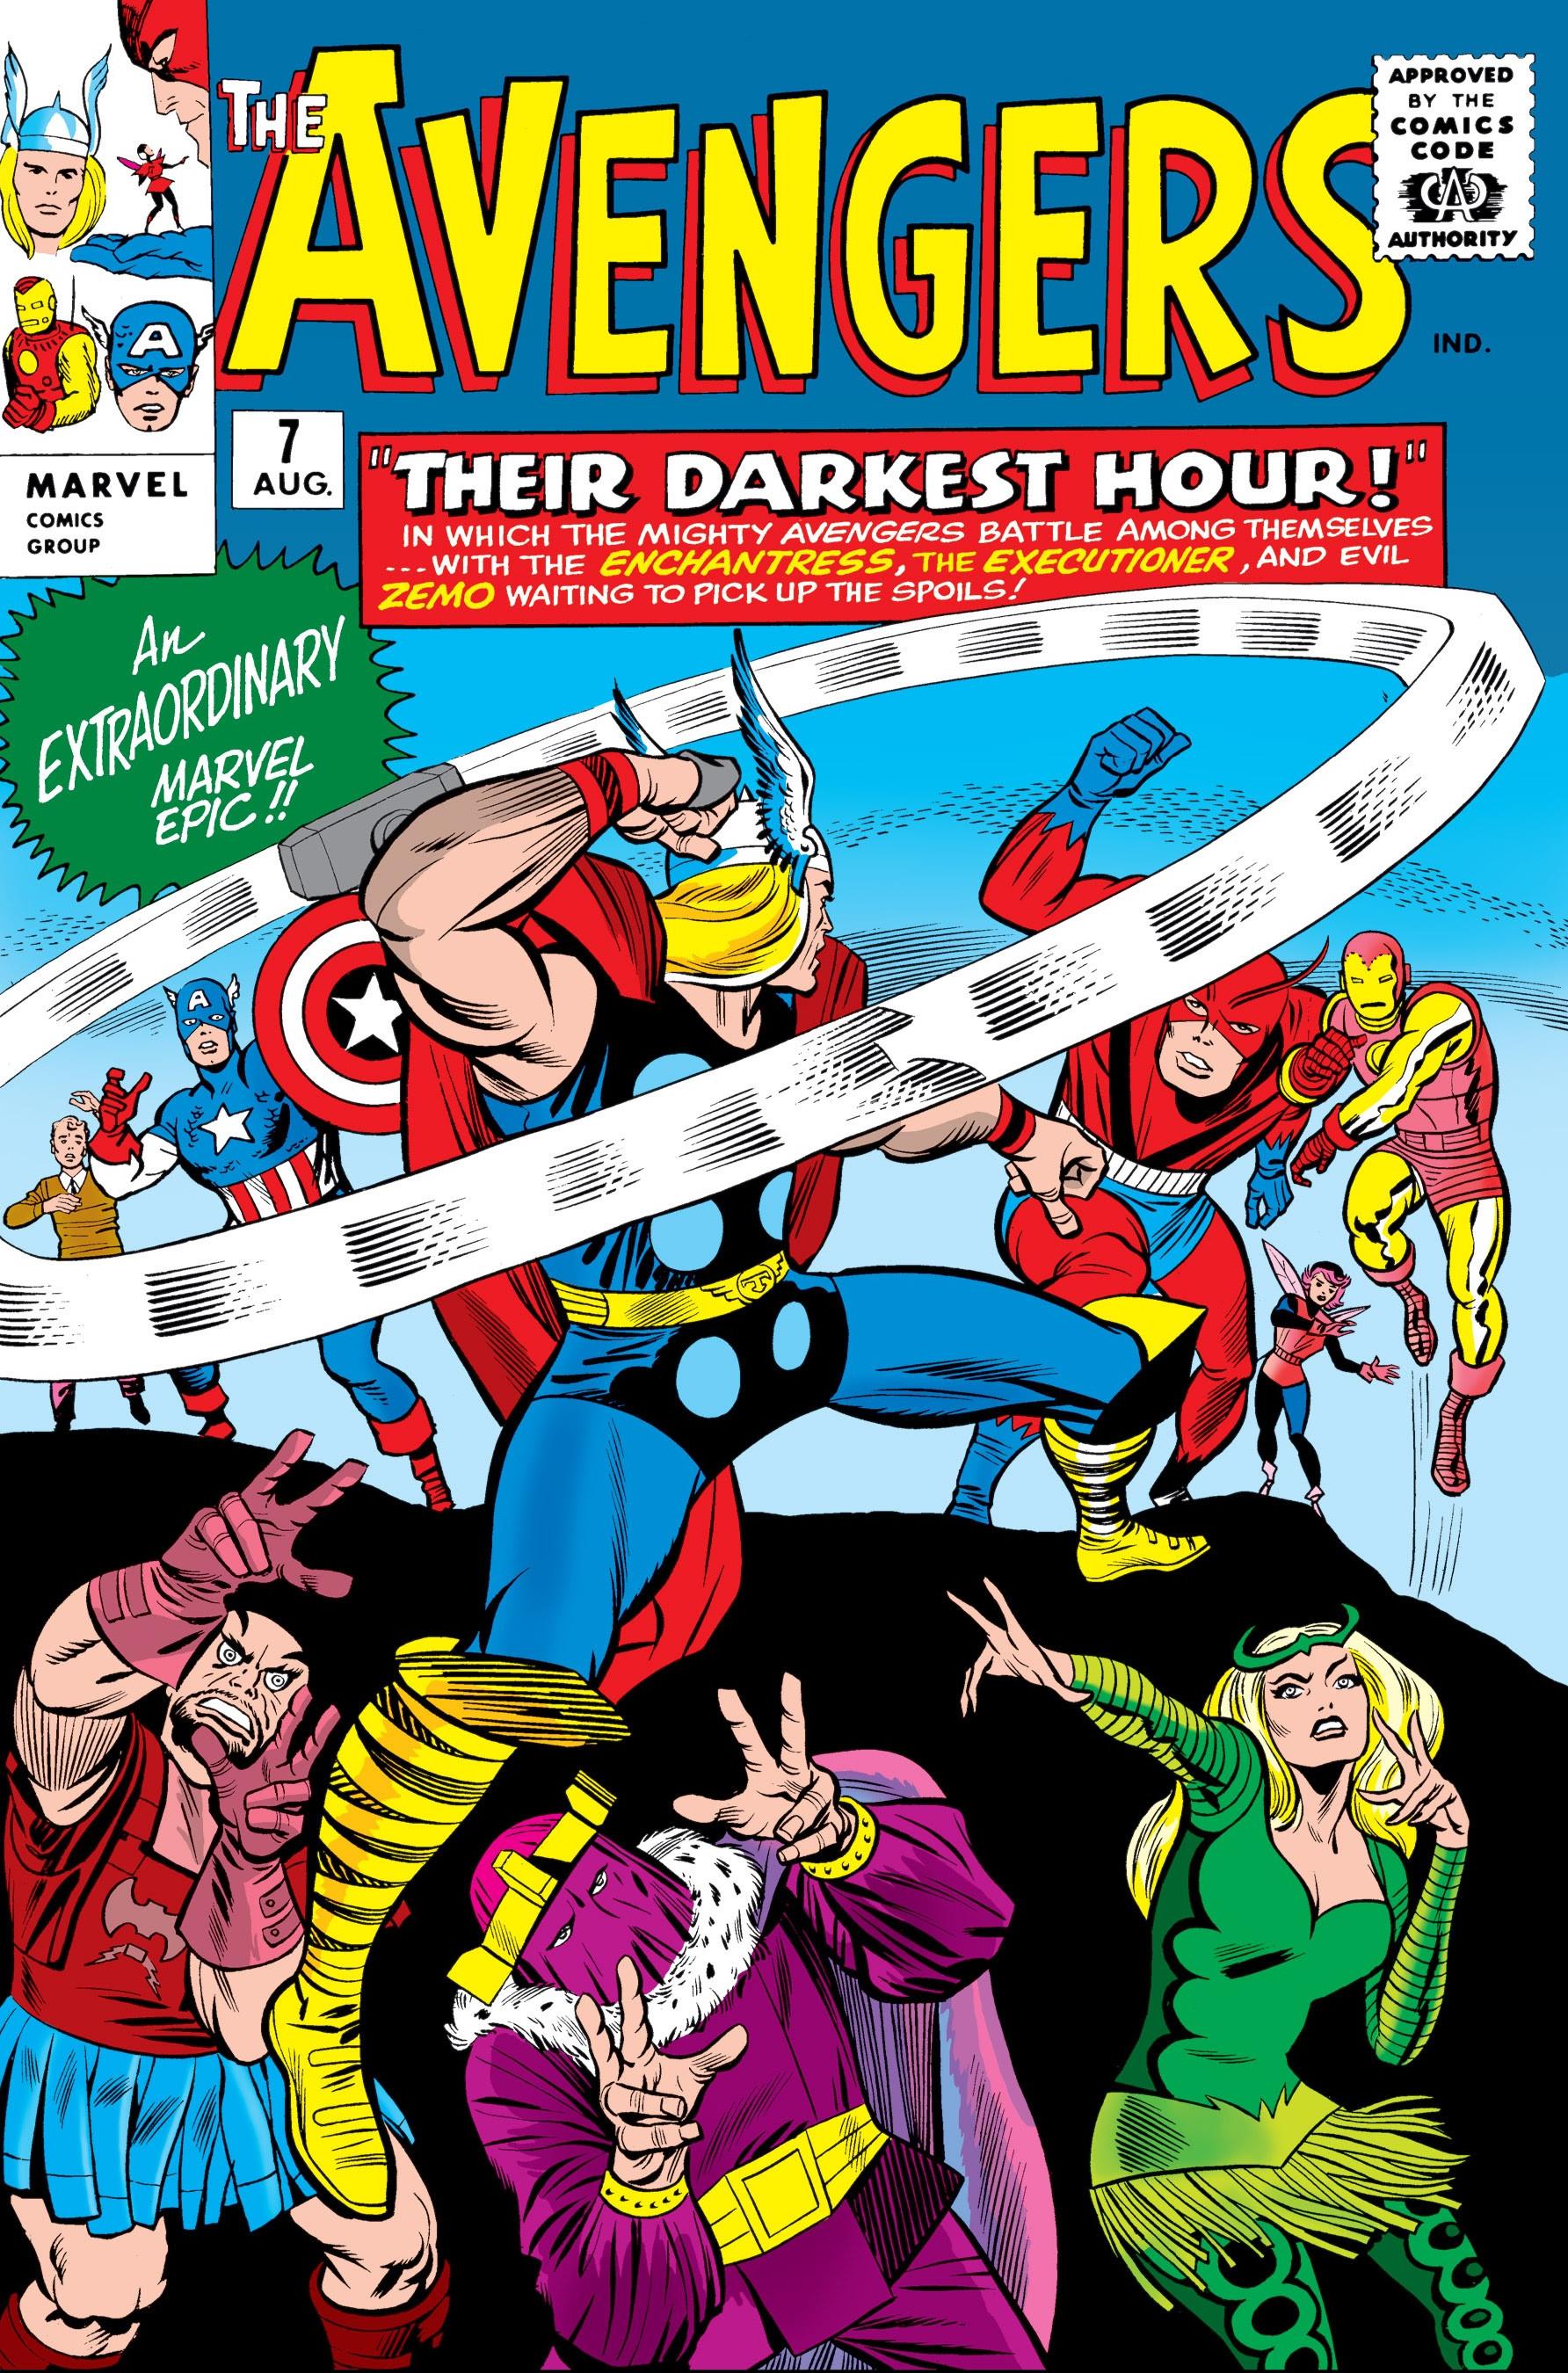 Avengers Vol 1 7.jpg